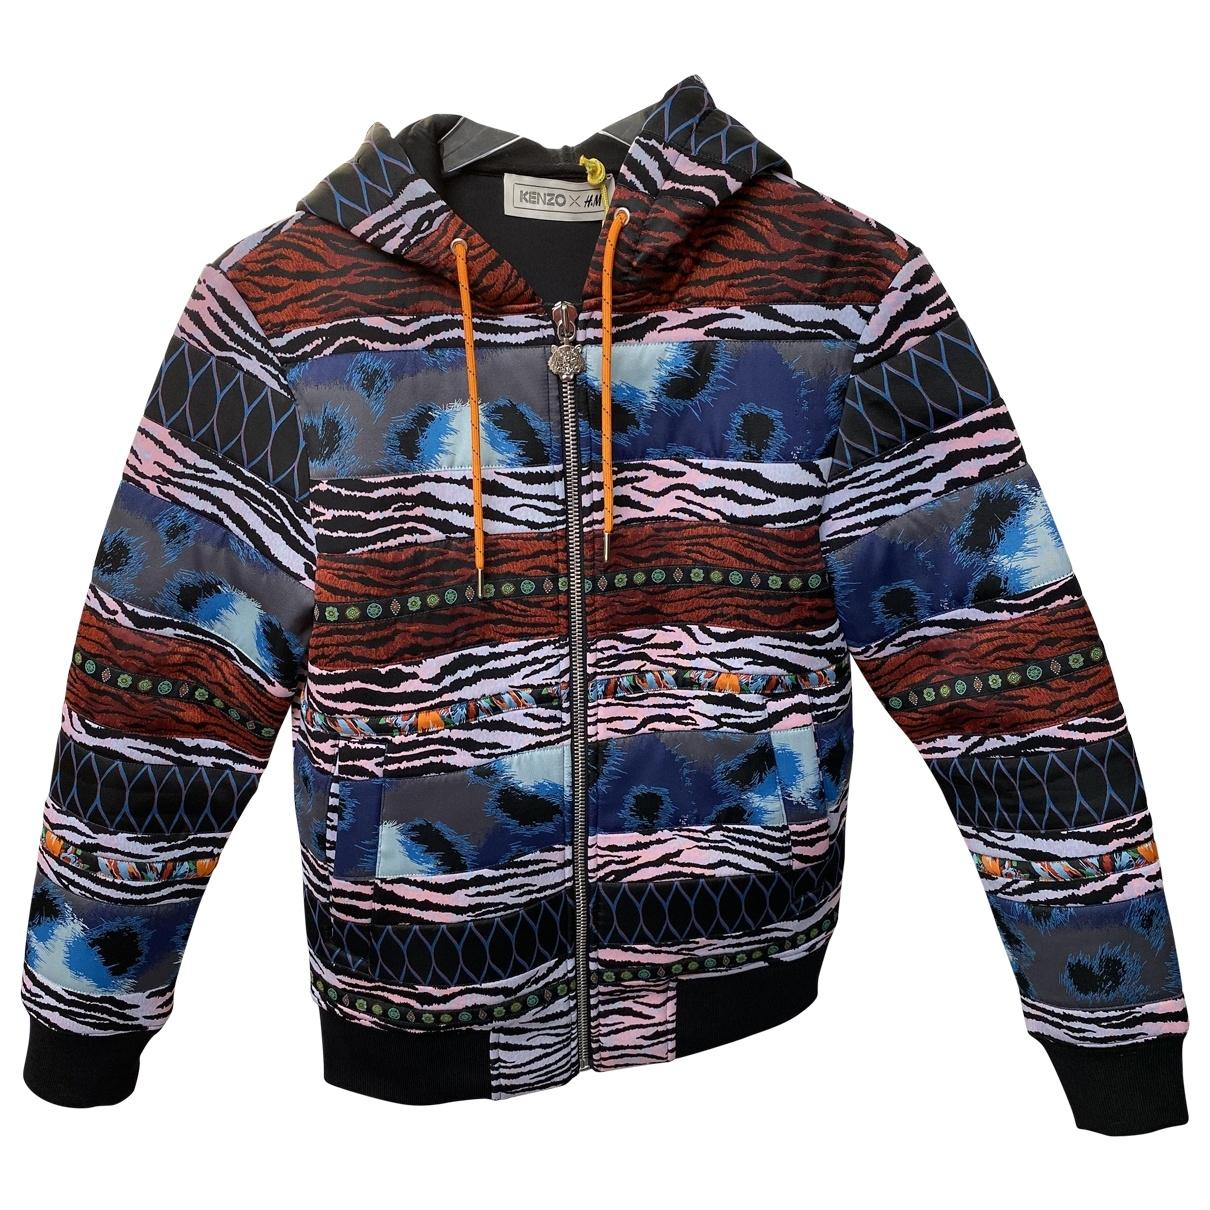 Kenzo X H&m - Pulls.Gilets.Sweats   pour homme - multicolore